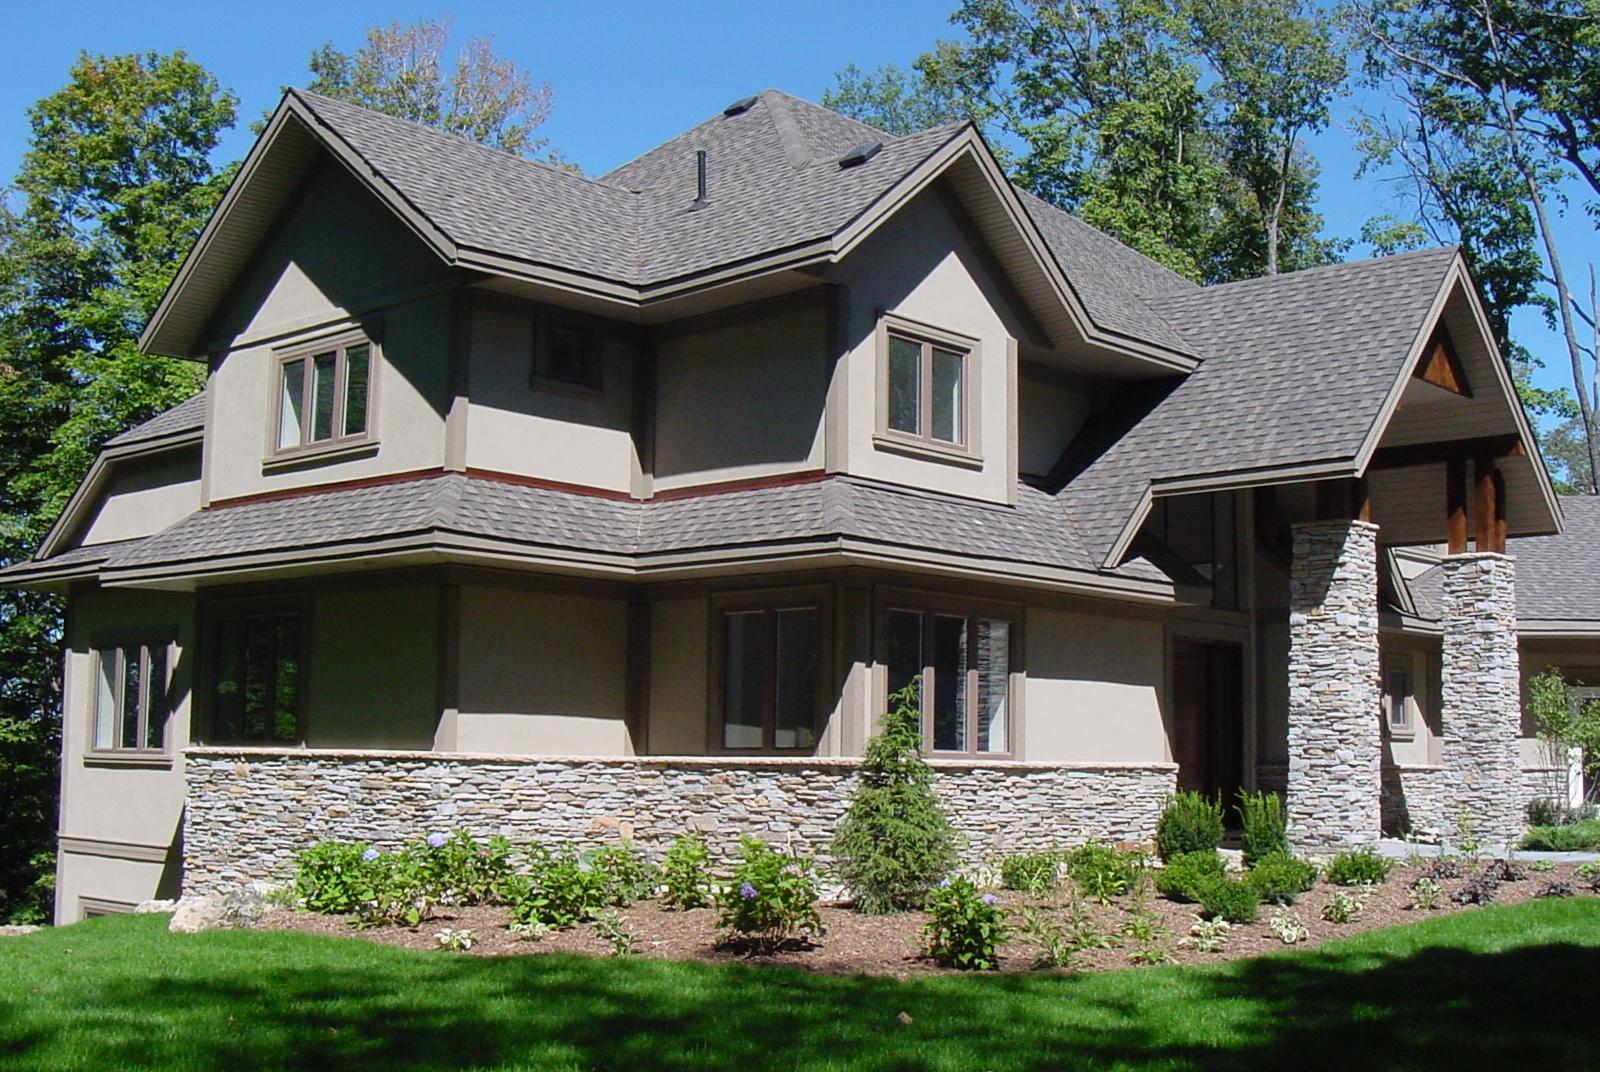 Home Construction in Alliston, Ontario